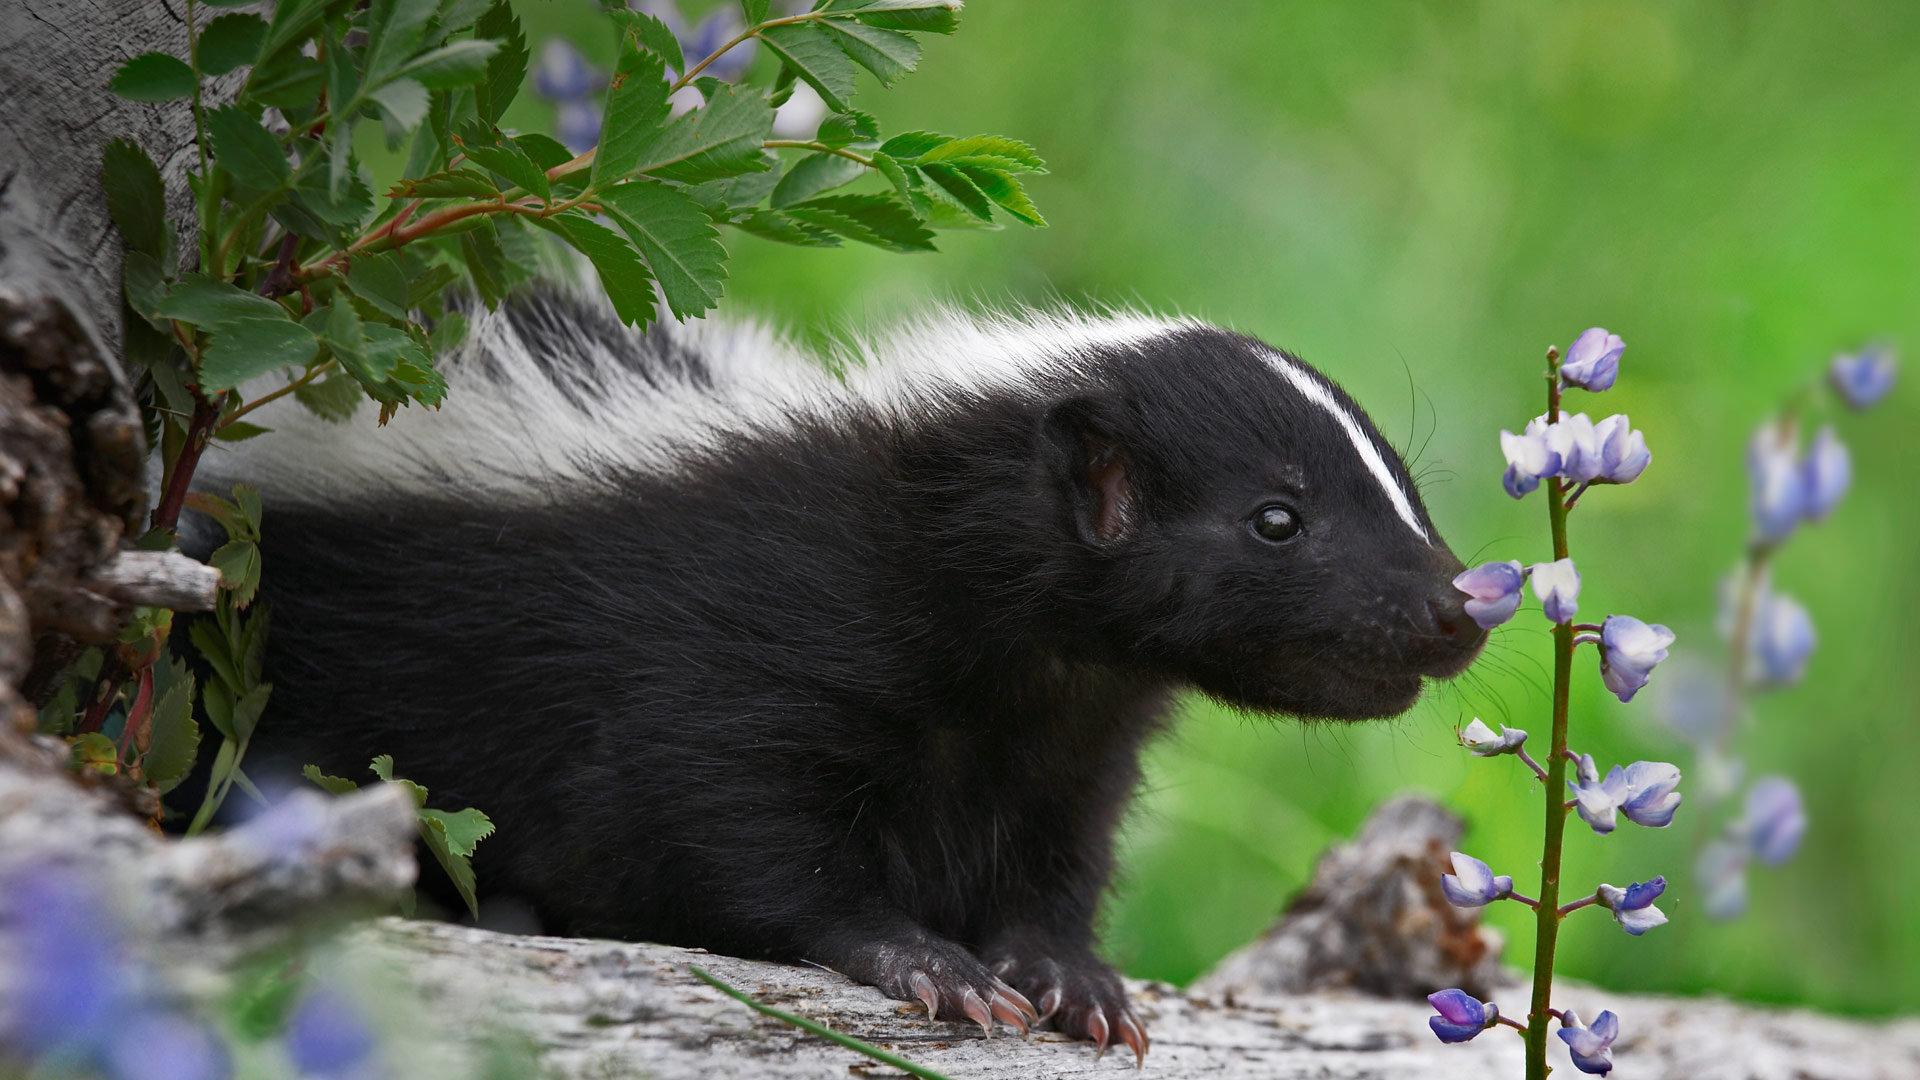 正在闻花香的臭鼬